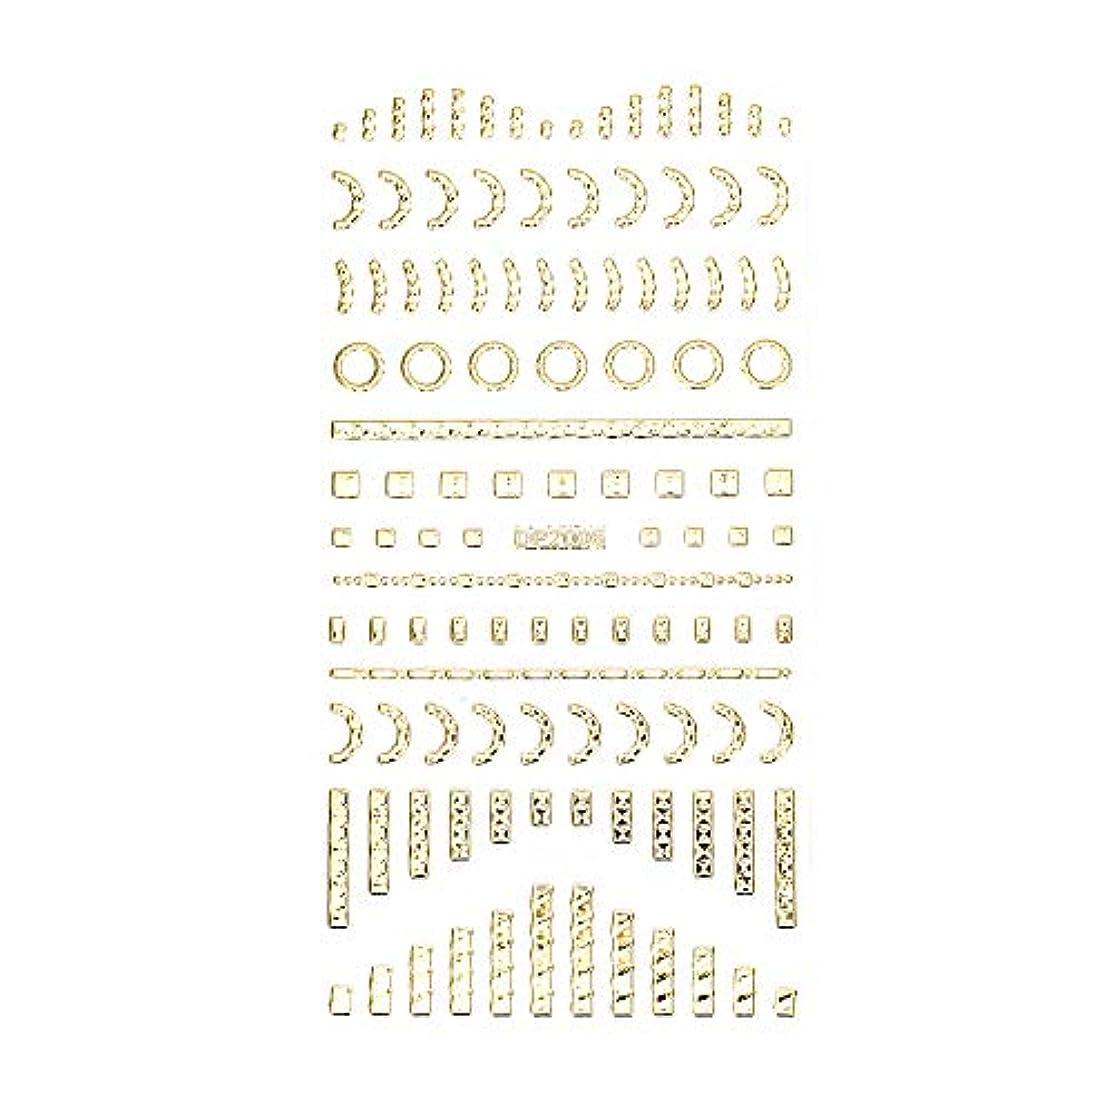 パトロール従来の慣らすネイルシール デザインパーツ風シール ゴールド【DP2006】【タイプ6】ネイルアート スクエア レクタングル トライアングル くり抜き フレーム